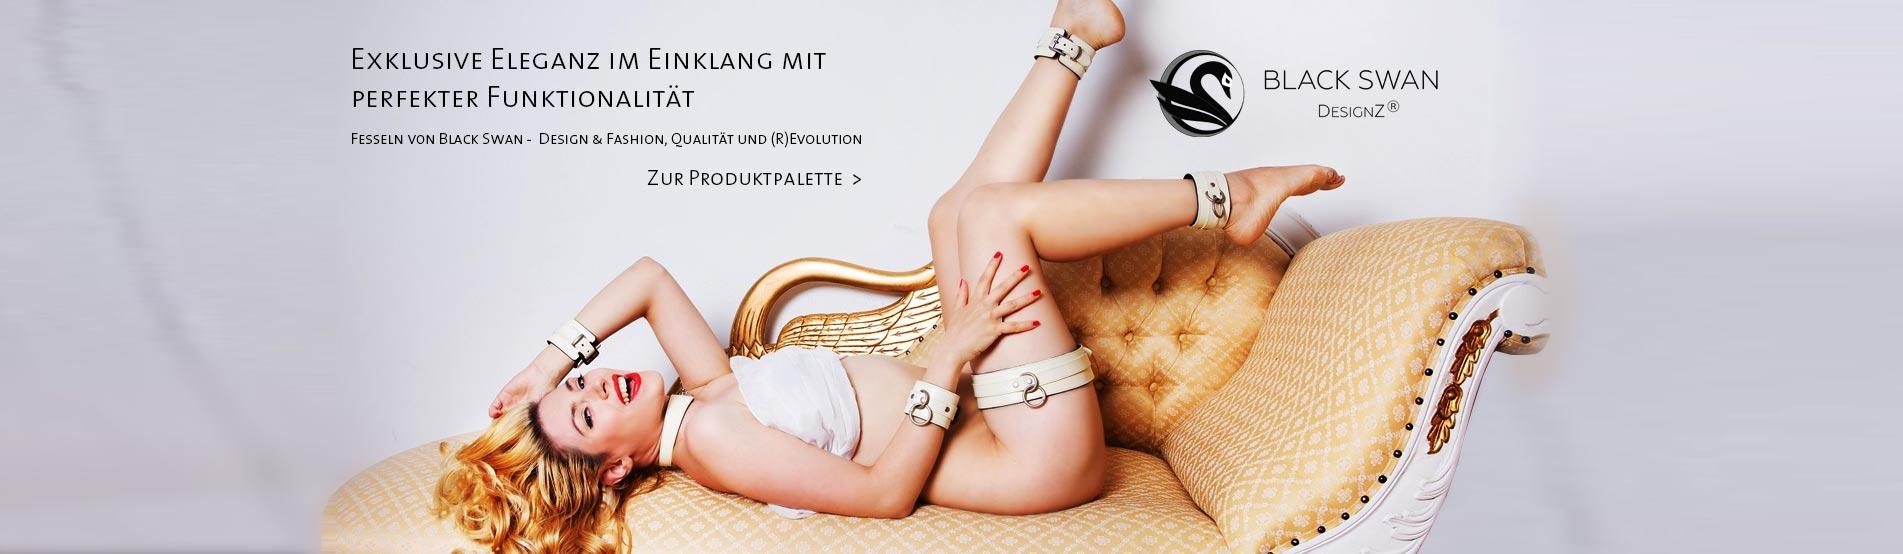 bdsm spanking grosse schwanze bilder